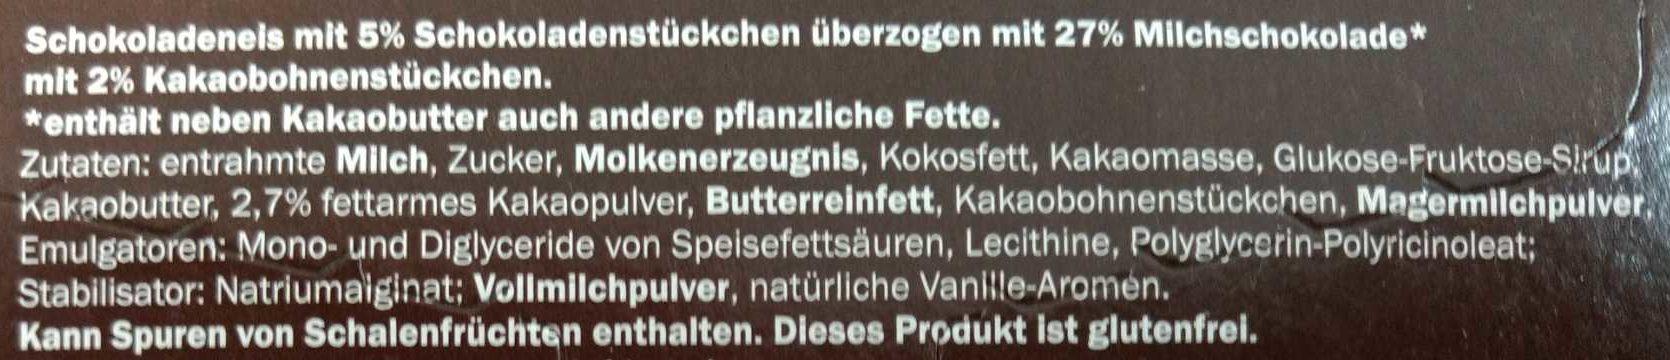 Schoko Crisp - Zutaten